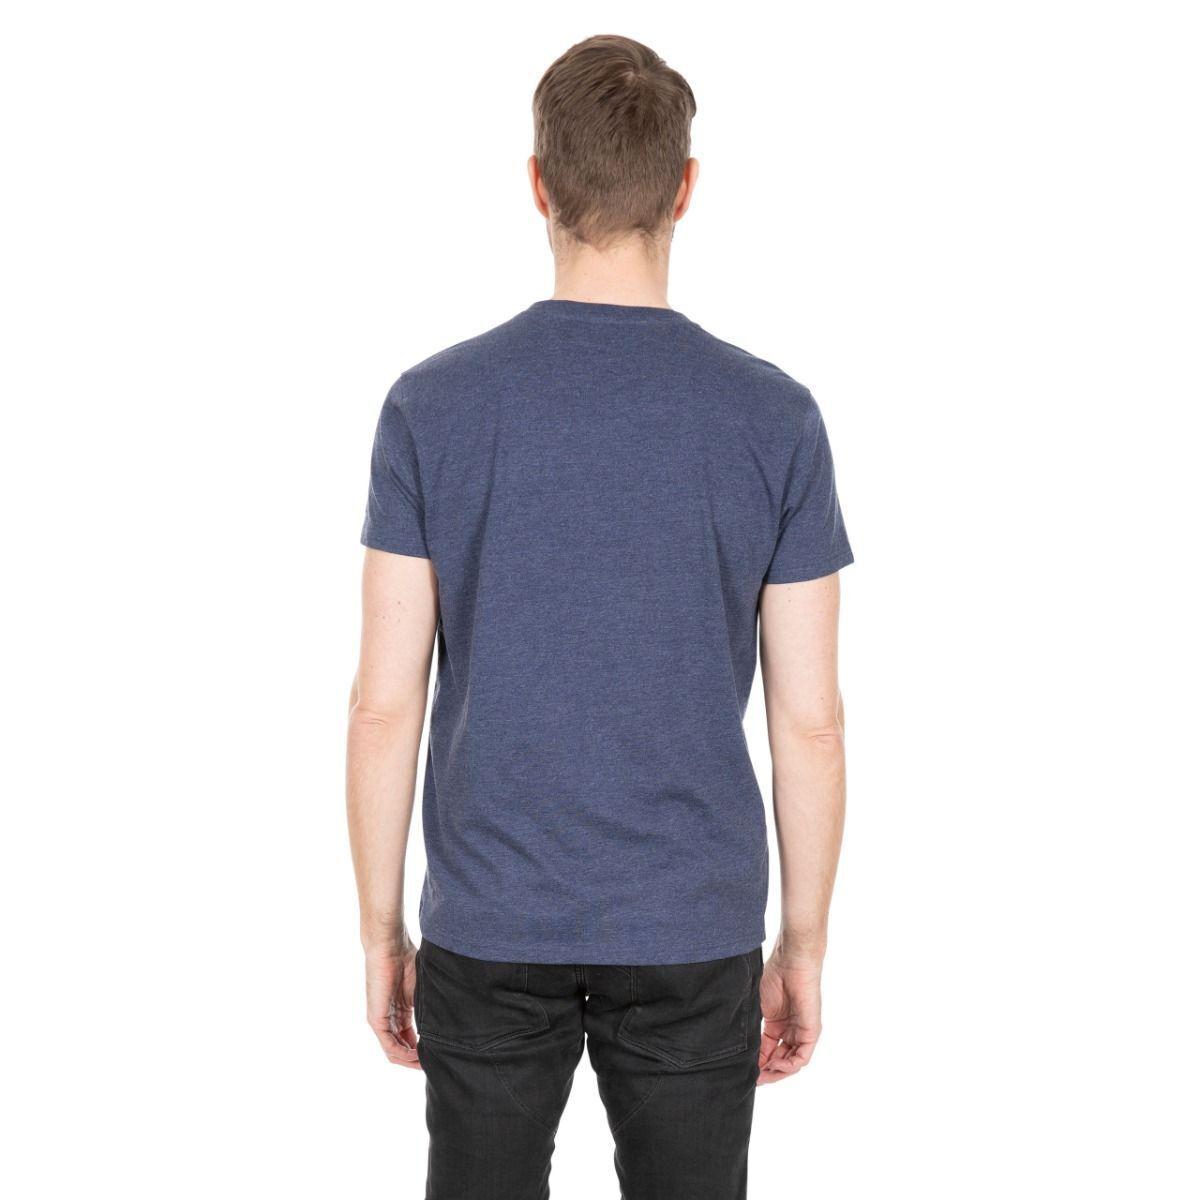 Trespass Herren T-Shirt Wicky II schnelltrocknend TP4738